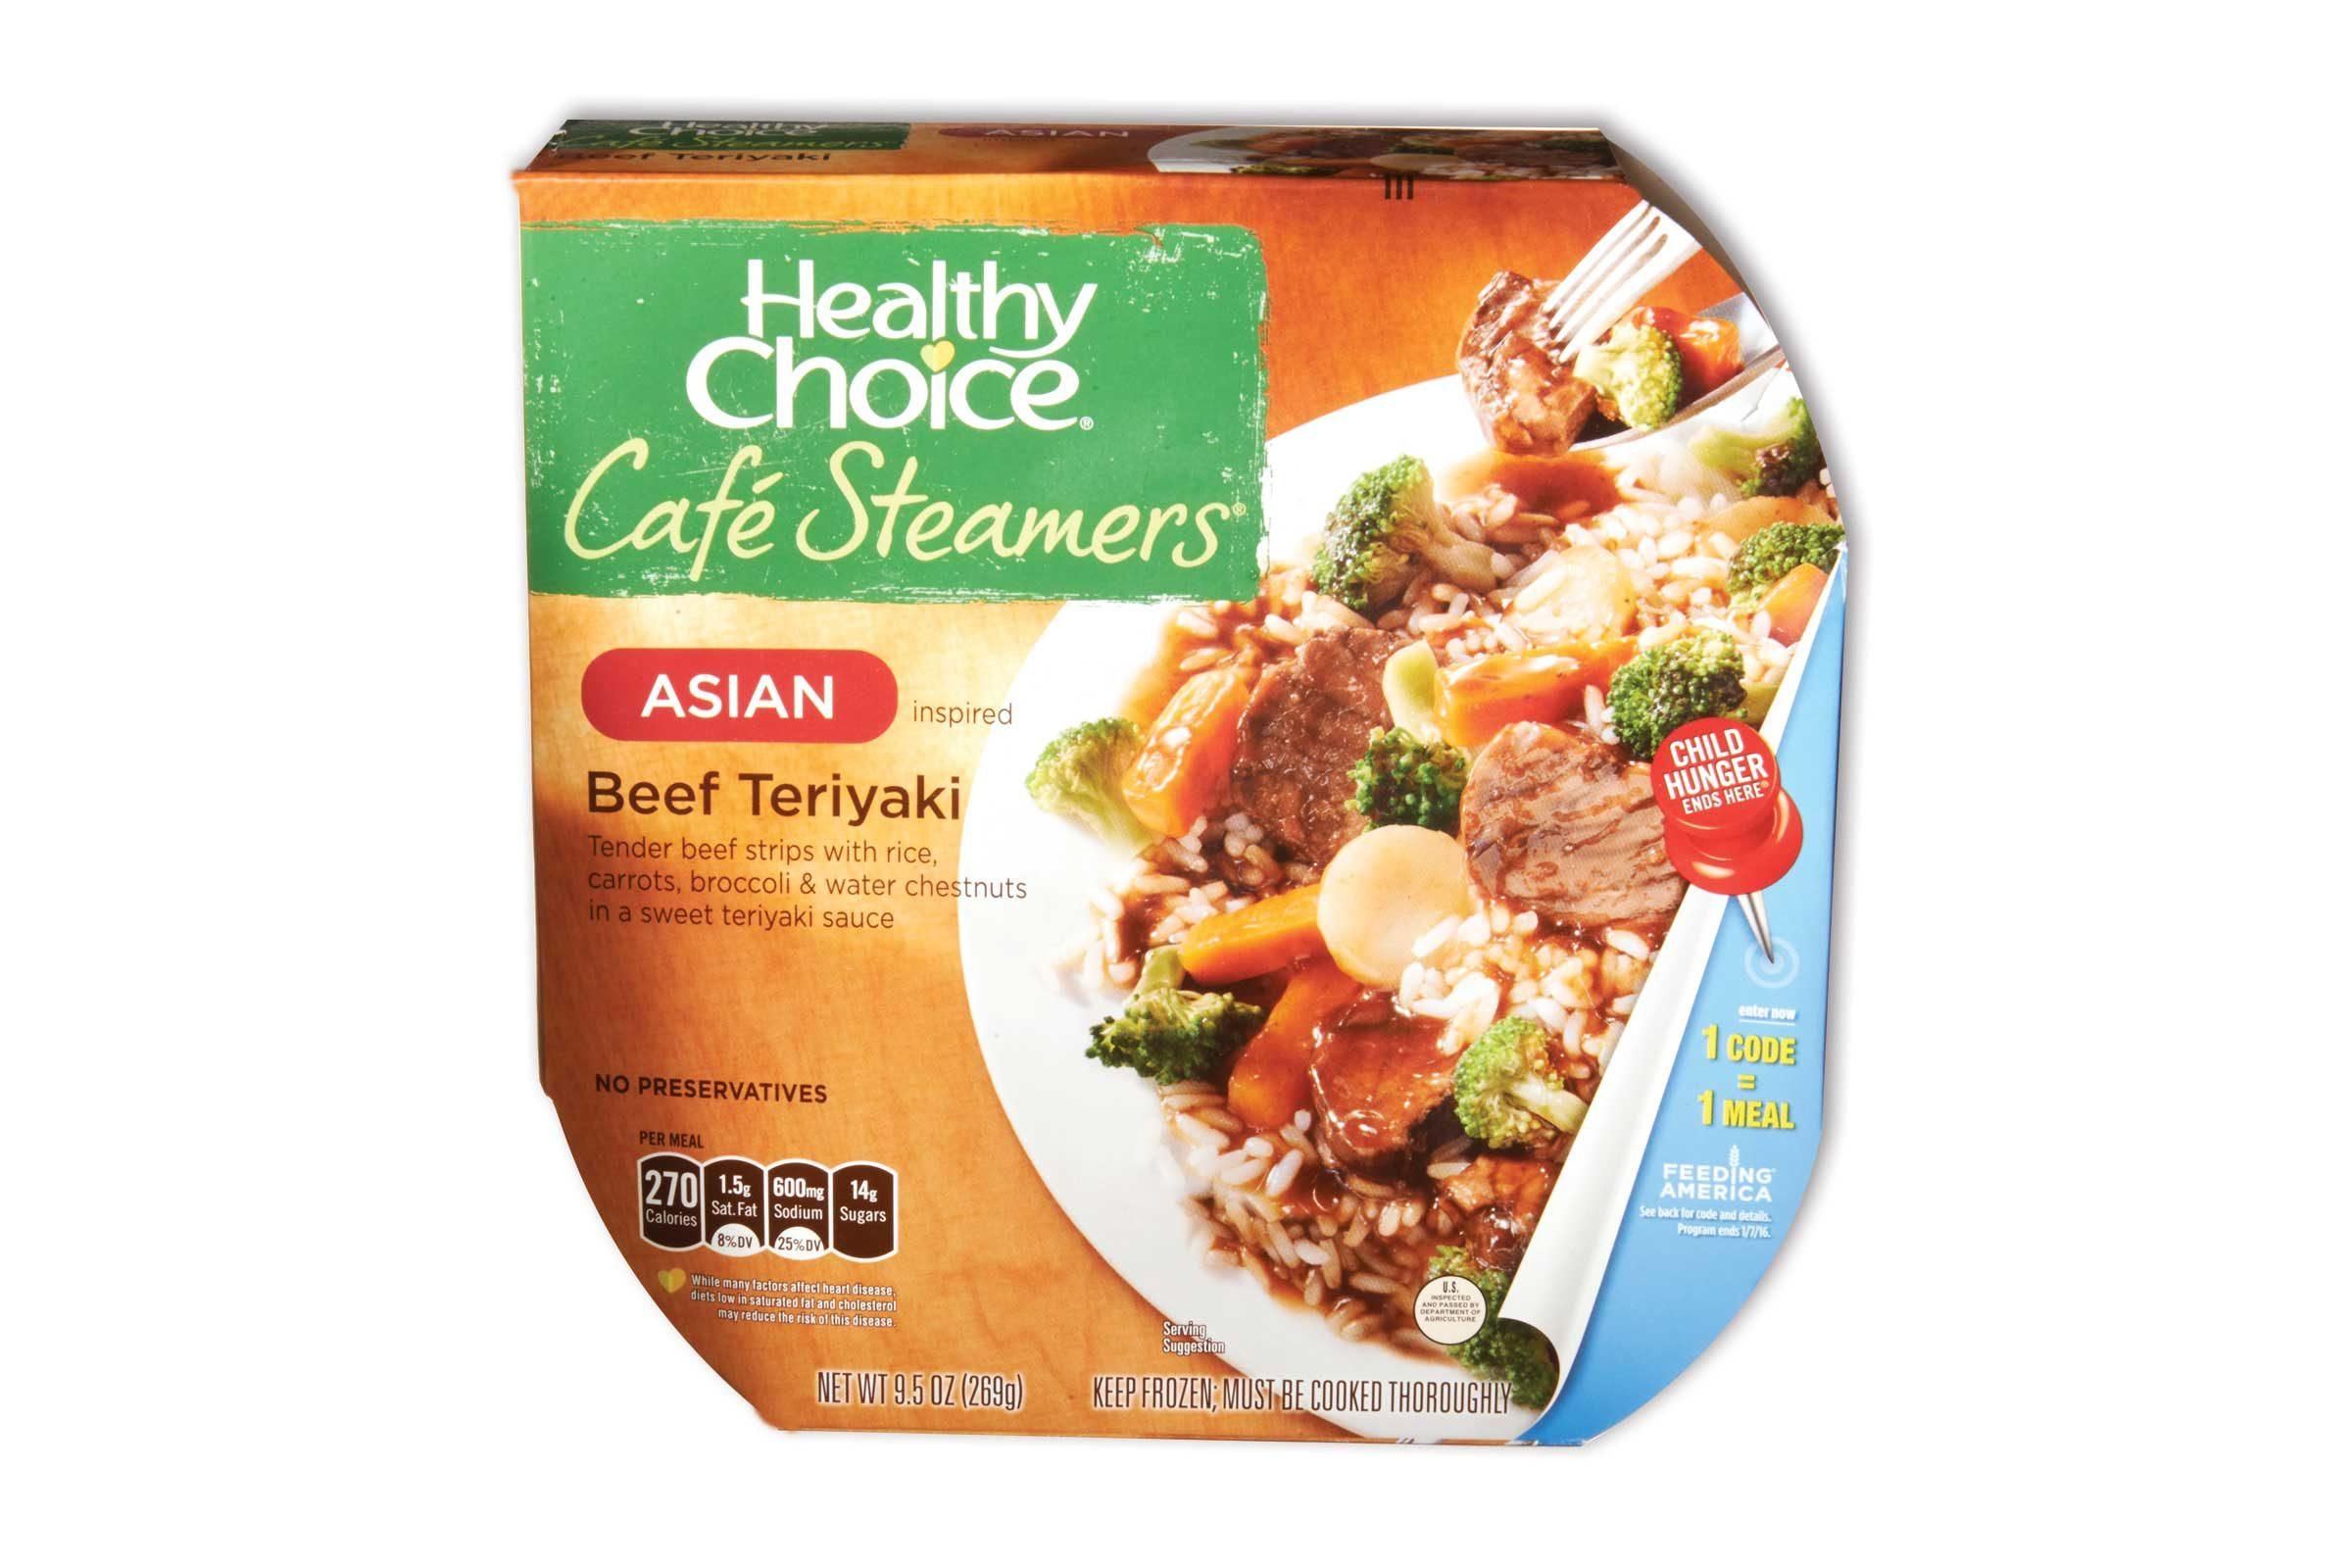 Healthy Choice Café Steamers Beef Teriyaki 270 Calories